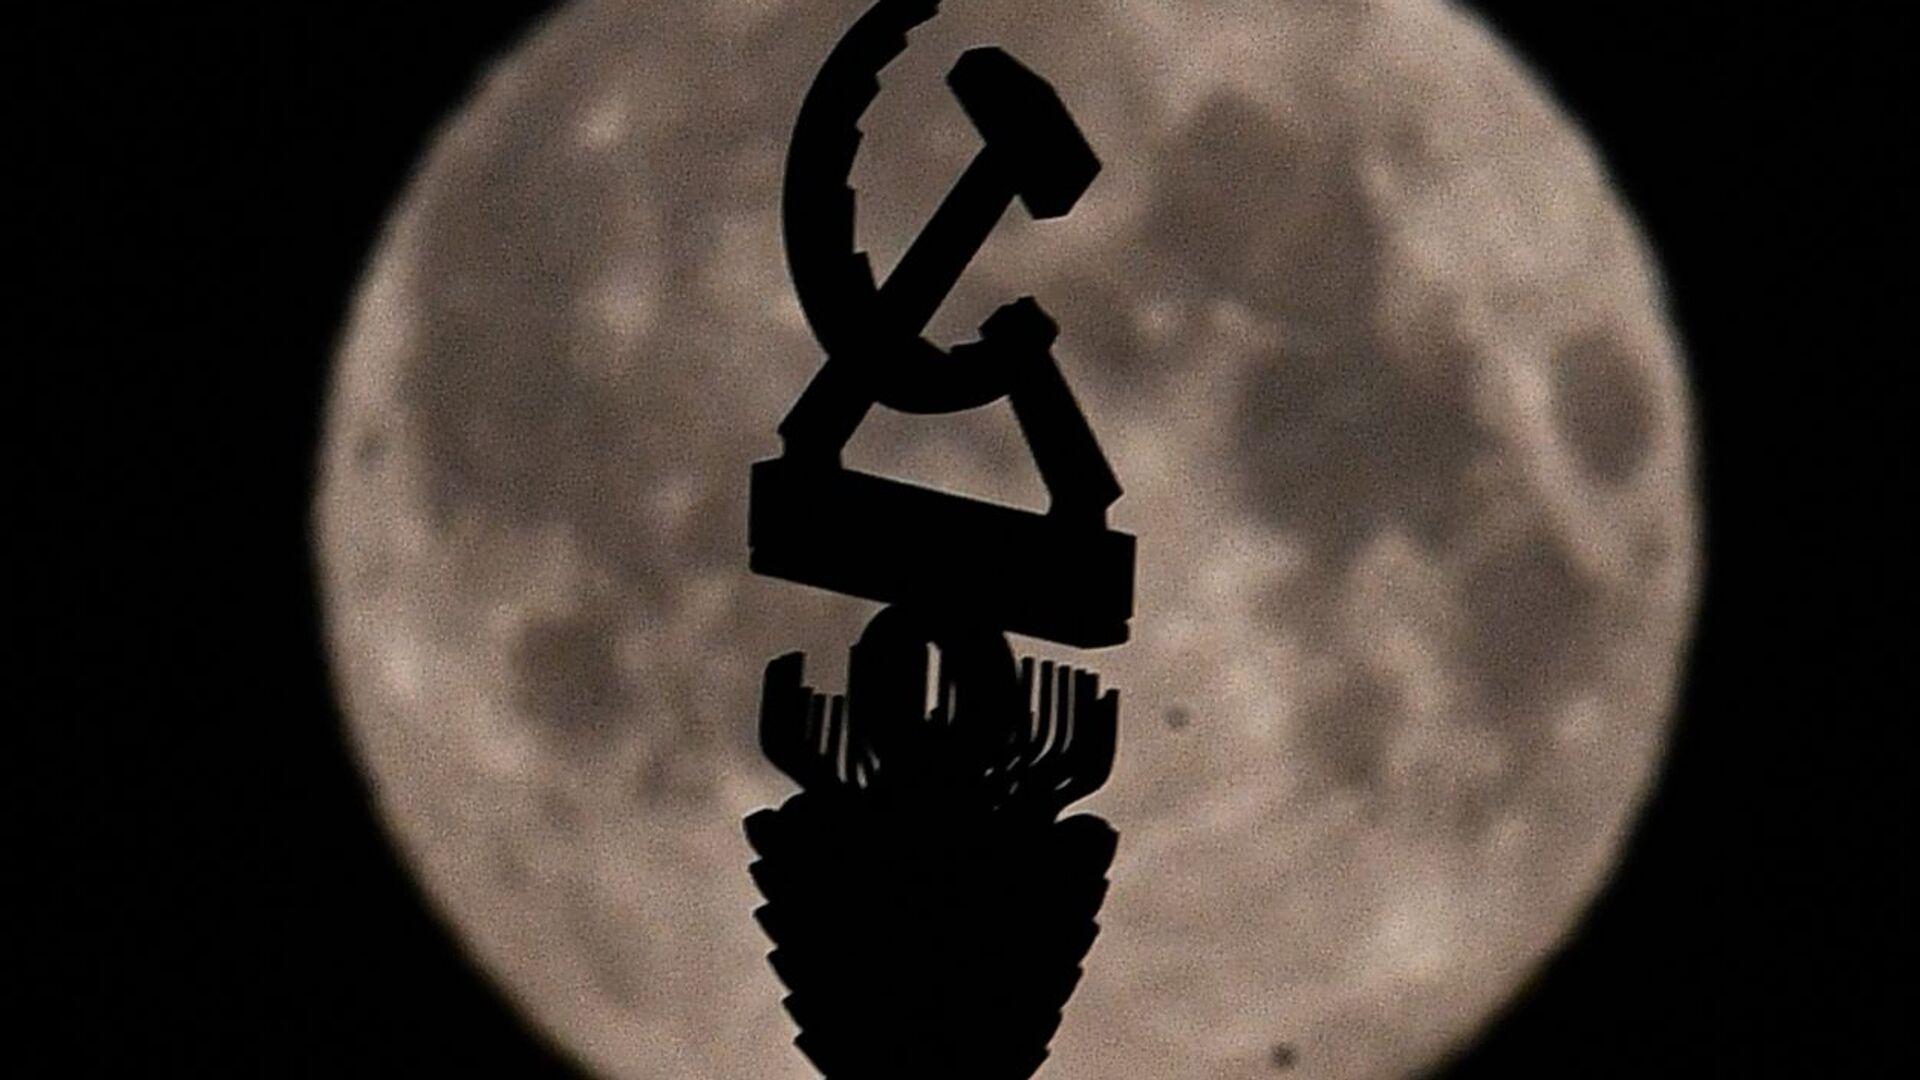 Srp i čekić na spomeniku u Moskvi - Sputnik Srbija, 1920, 23.09.2021